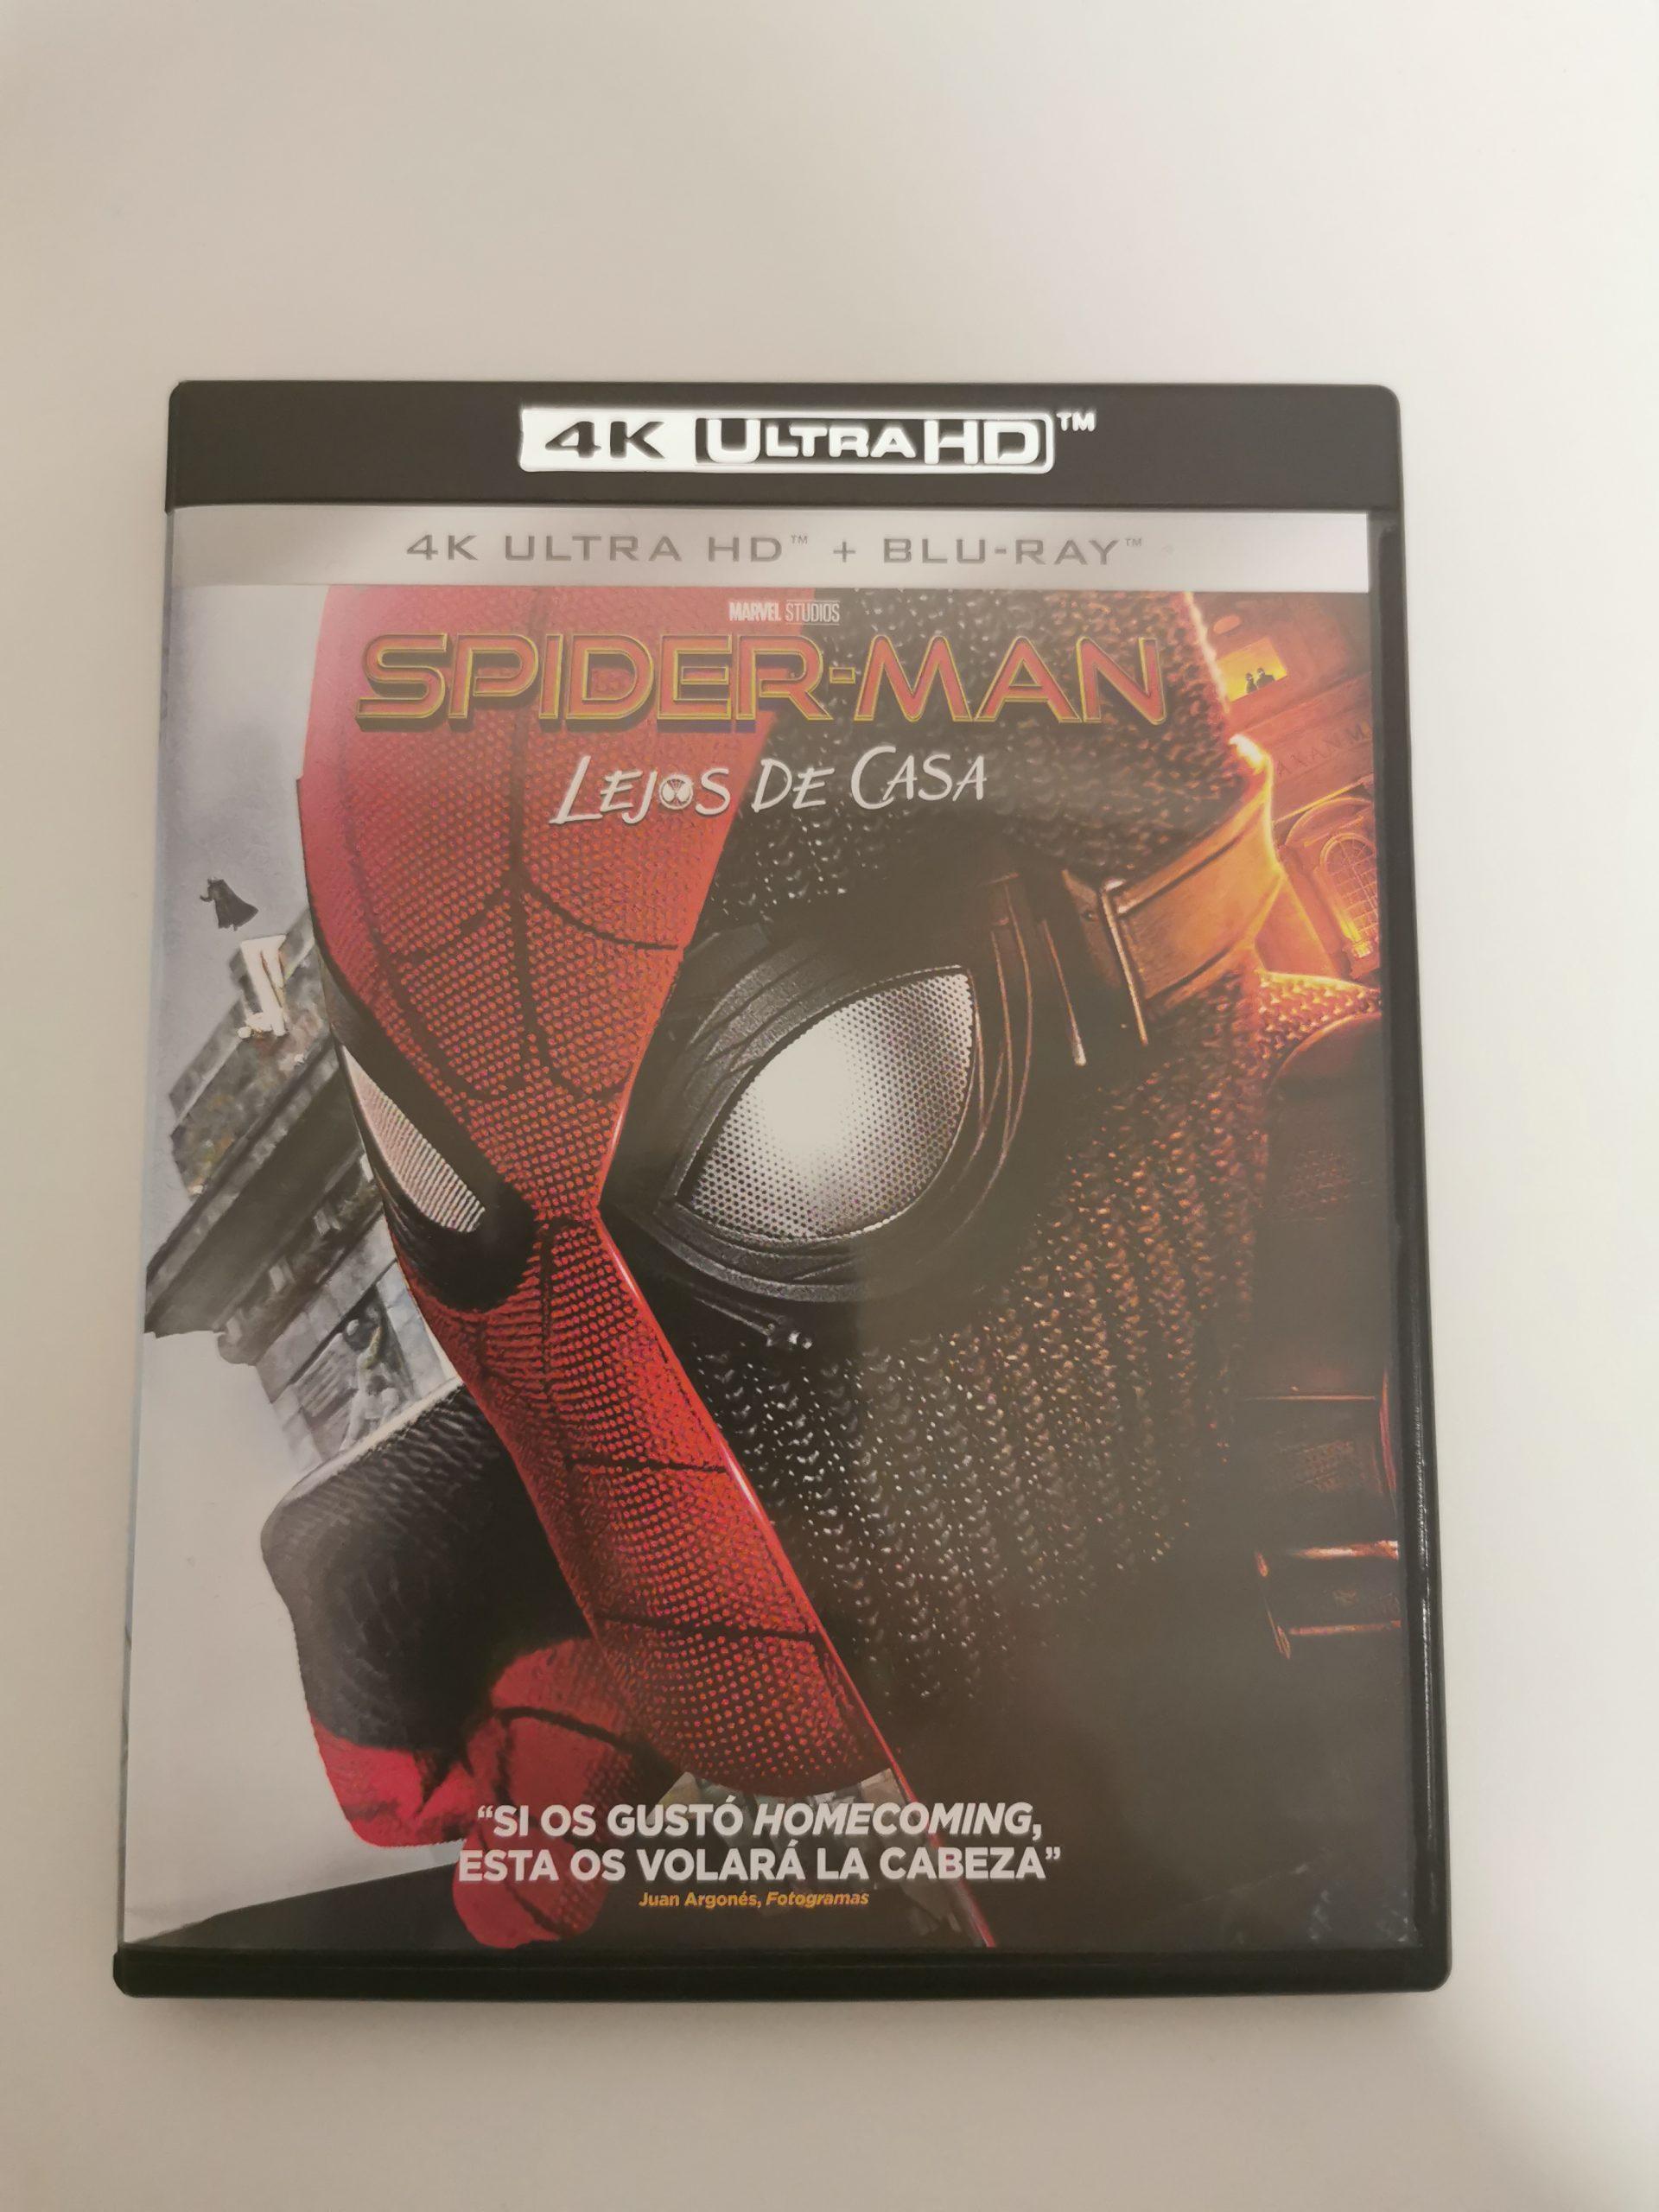 SPIDER-MAN: LEJOS DE CASA 4K 01